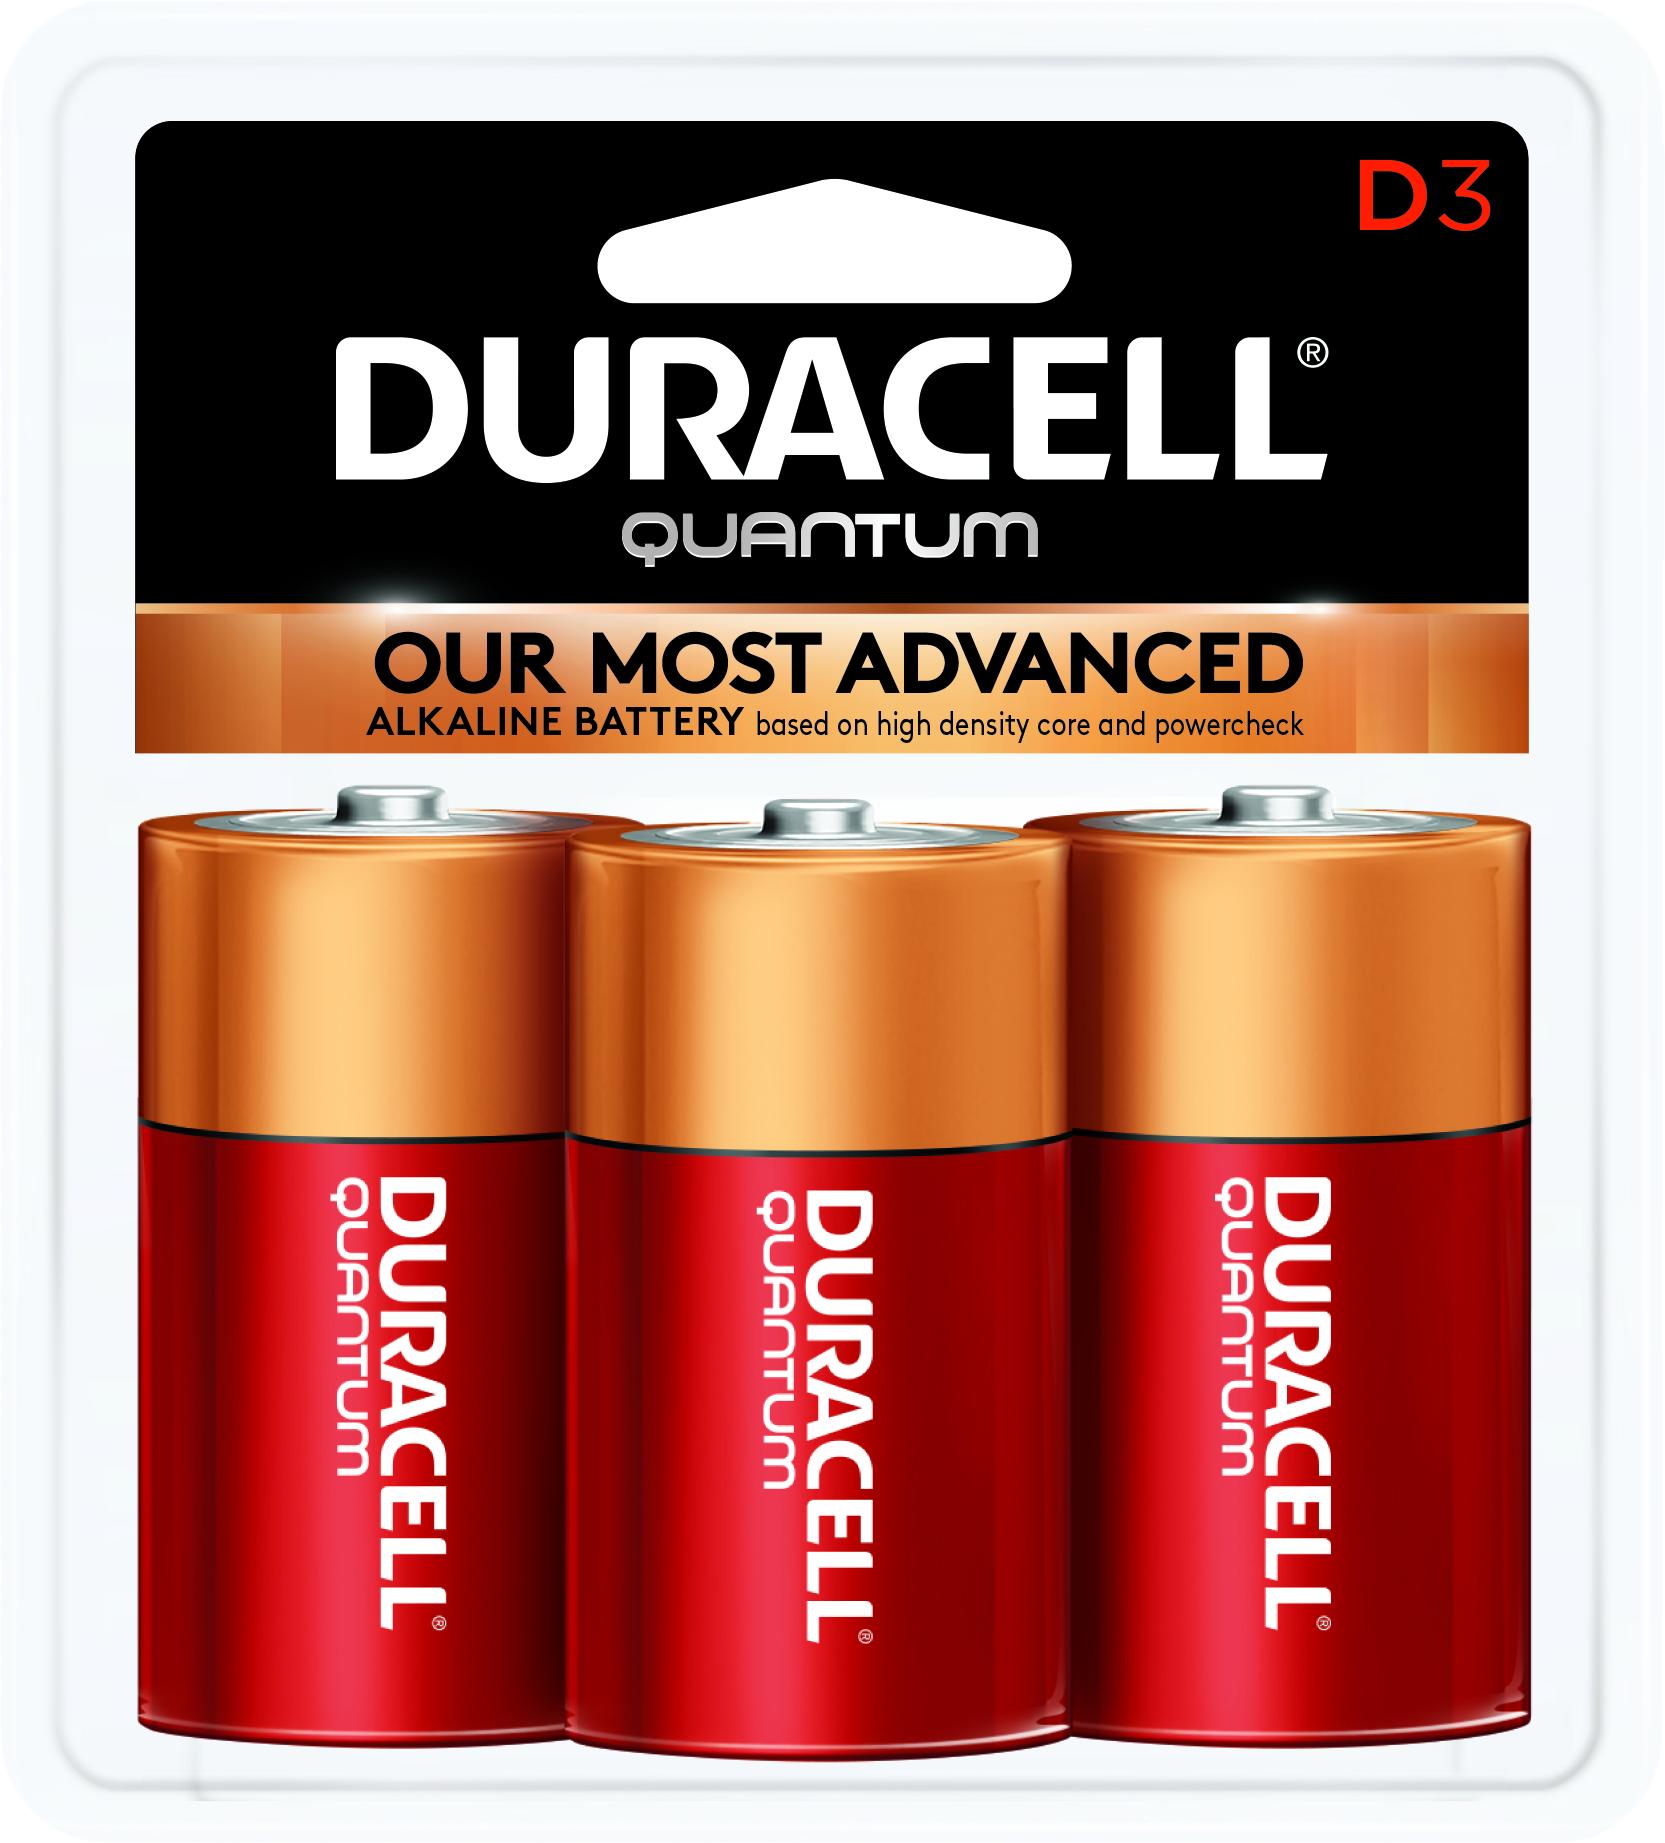 Duracell Quantum Alkaline D Batteries, 3 Count